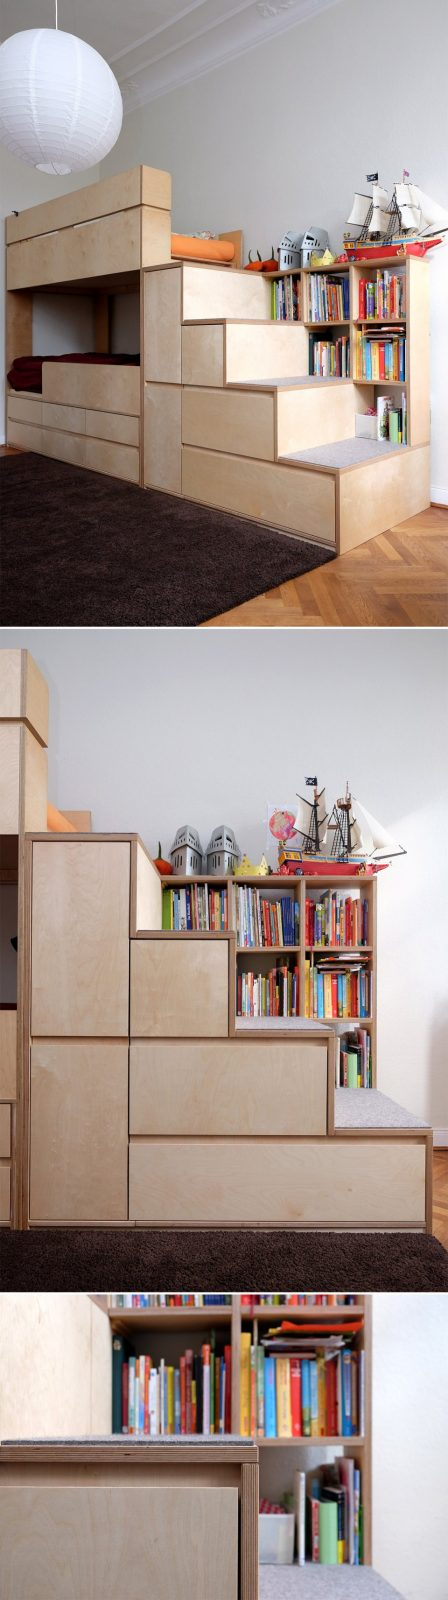 Kinderzimmer Etagenbett  Hochbett Mit Treppe Und Stauraum von Etagenbett Mit Stauraum Treppen Photo